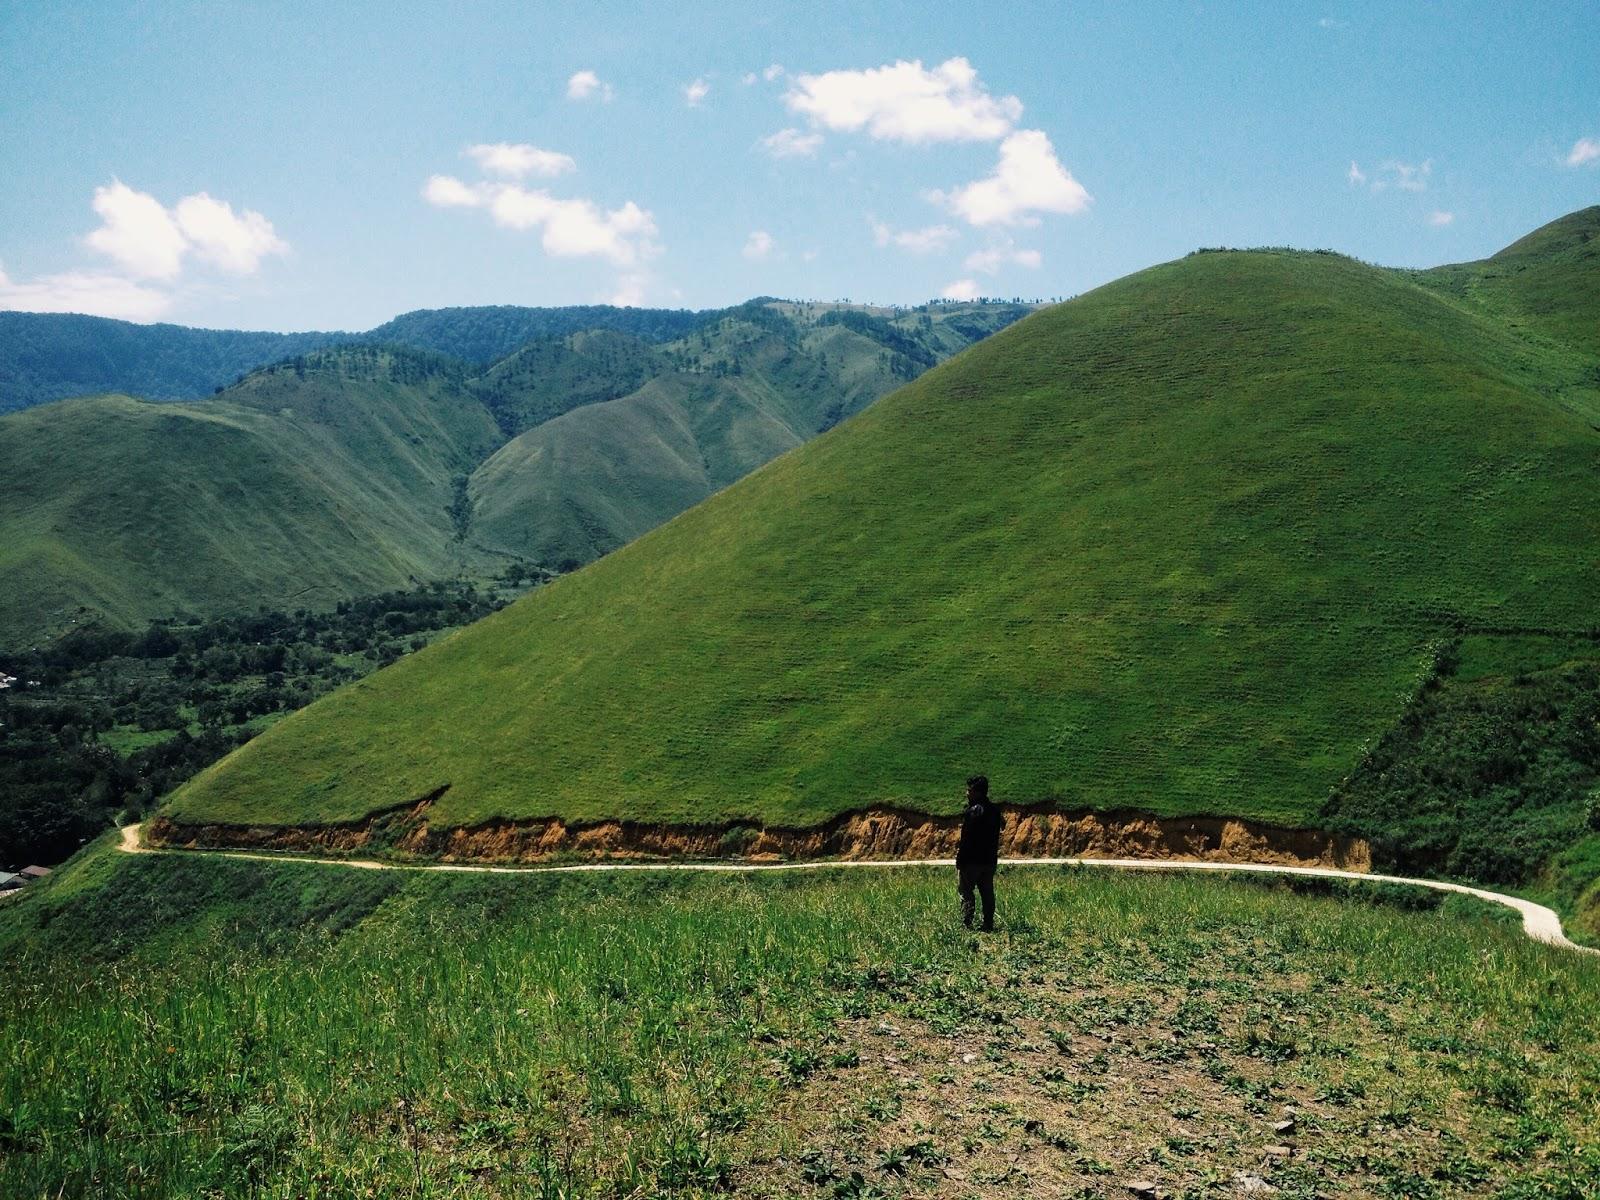 Panorama Bukit Teletubbies Desa Holbung Samosir Danau Toba Sesampainya Diatas